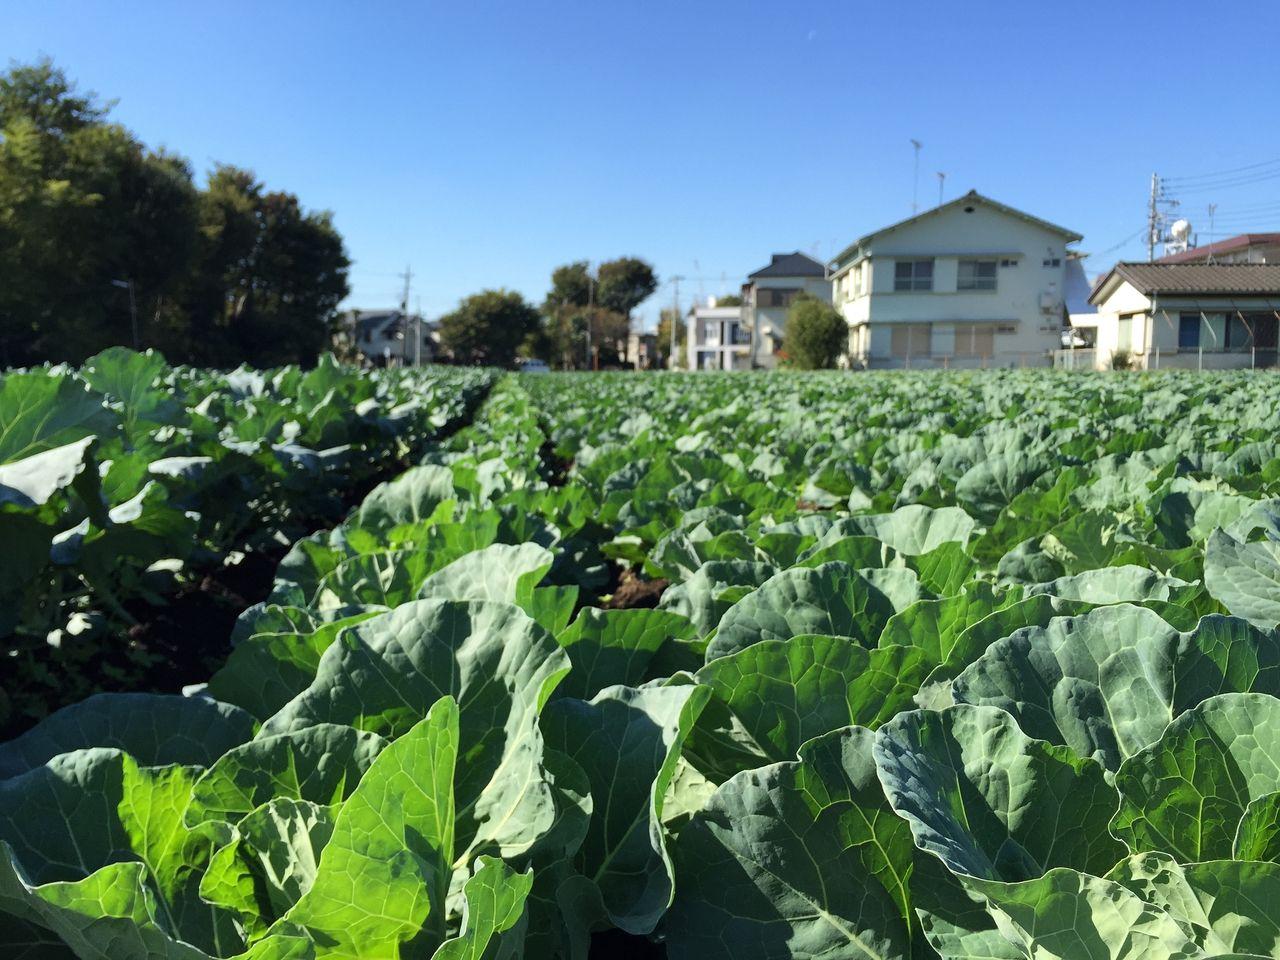 武蔵野市は畑がたくさんあります